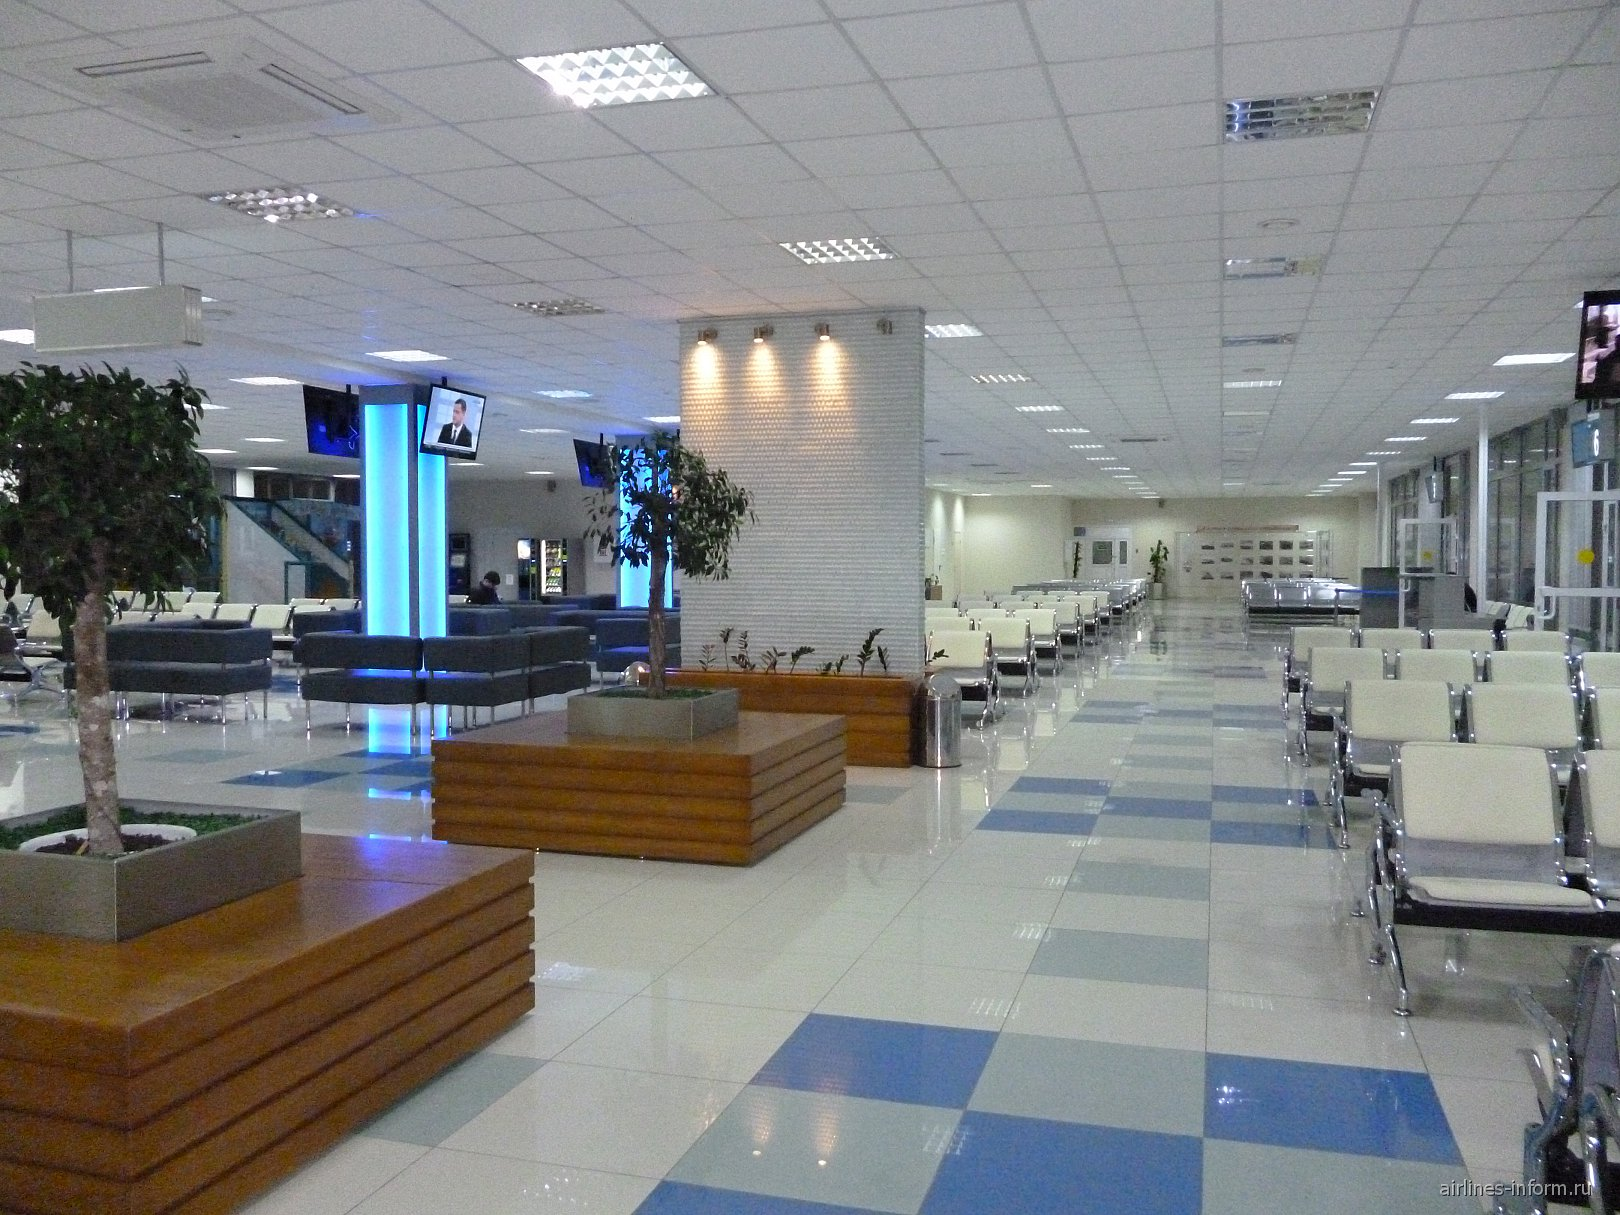 Второй этаж стерильной зоны аэропорта Хабаровск